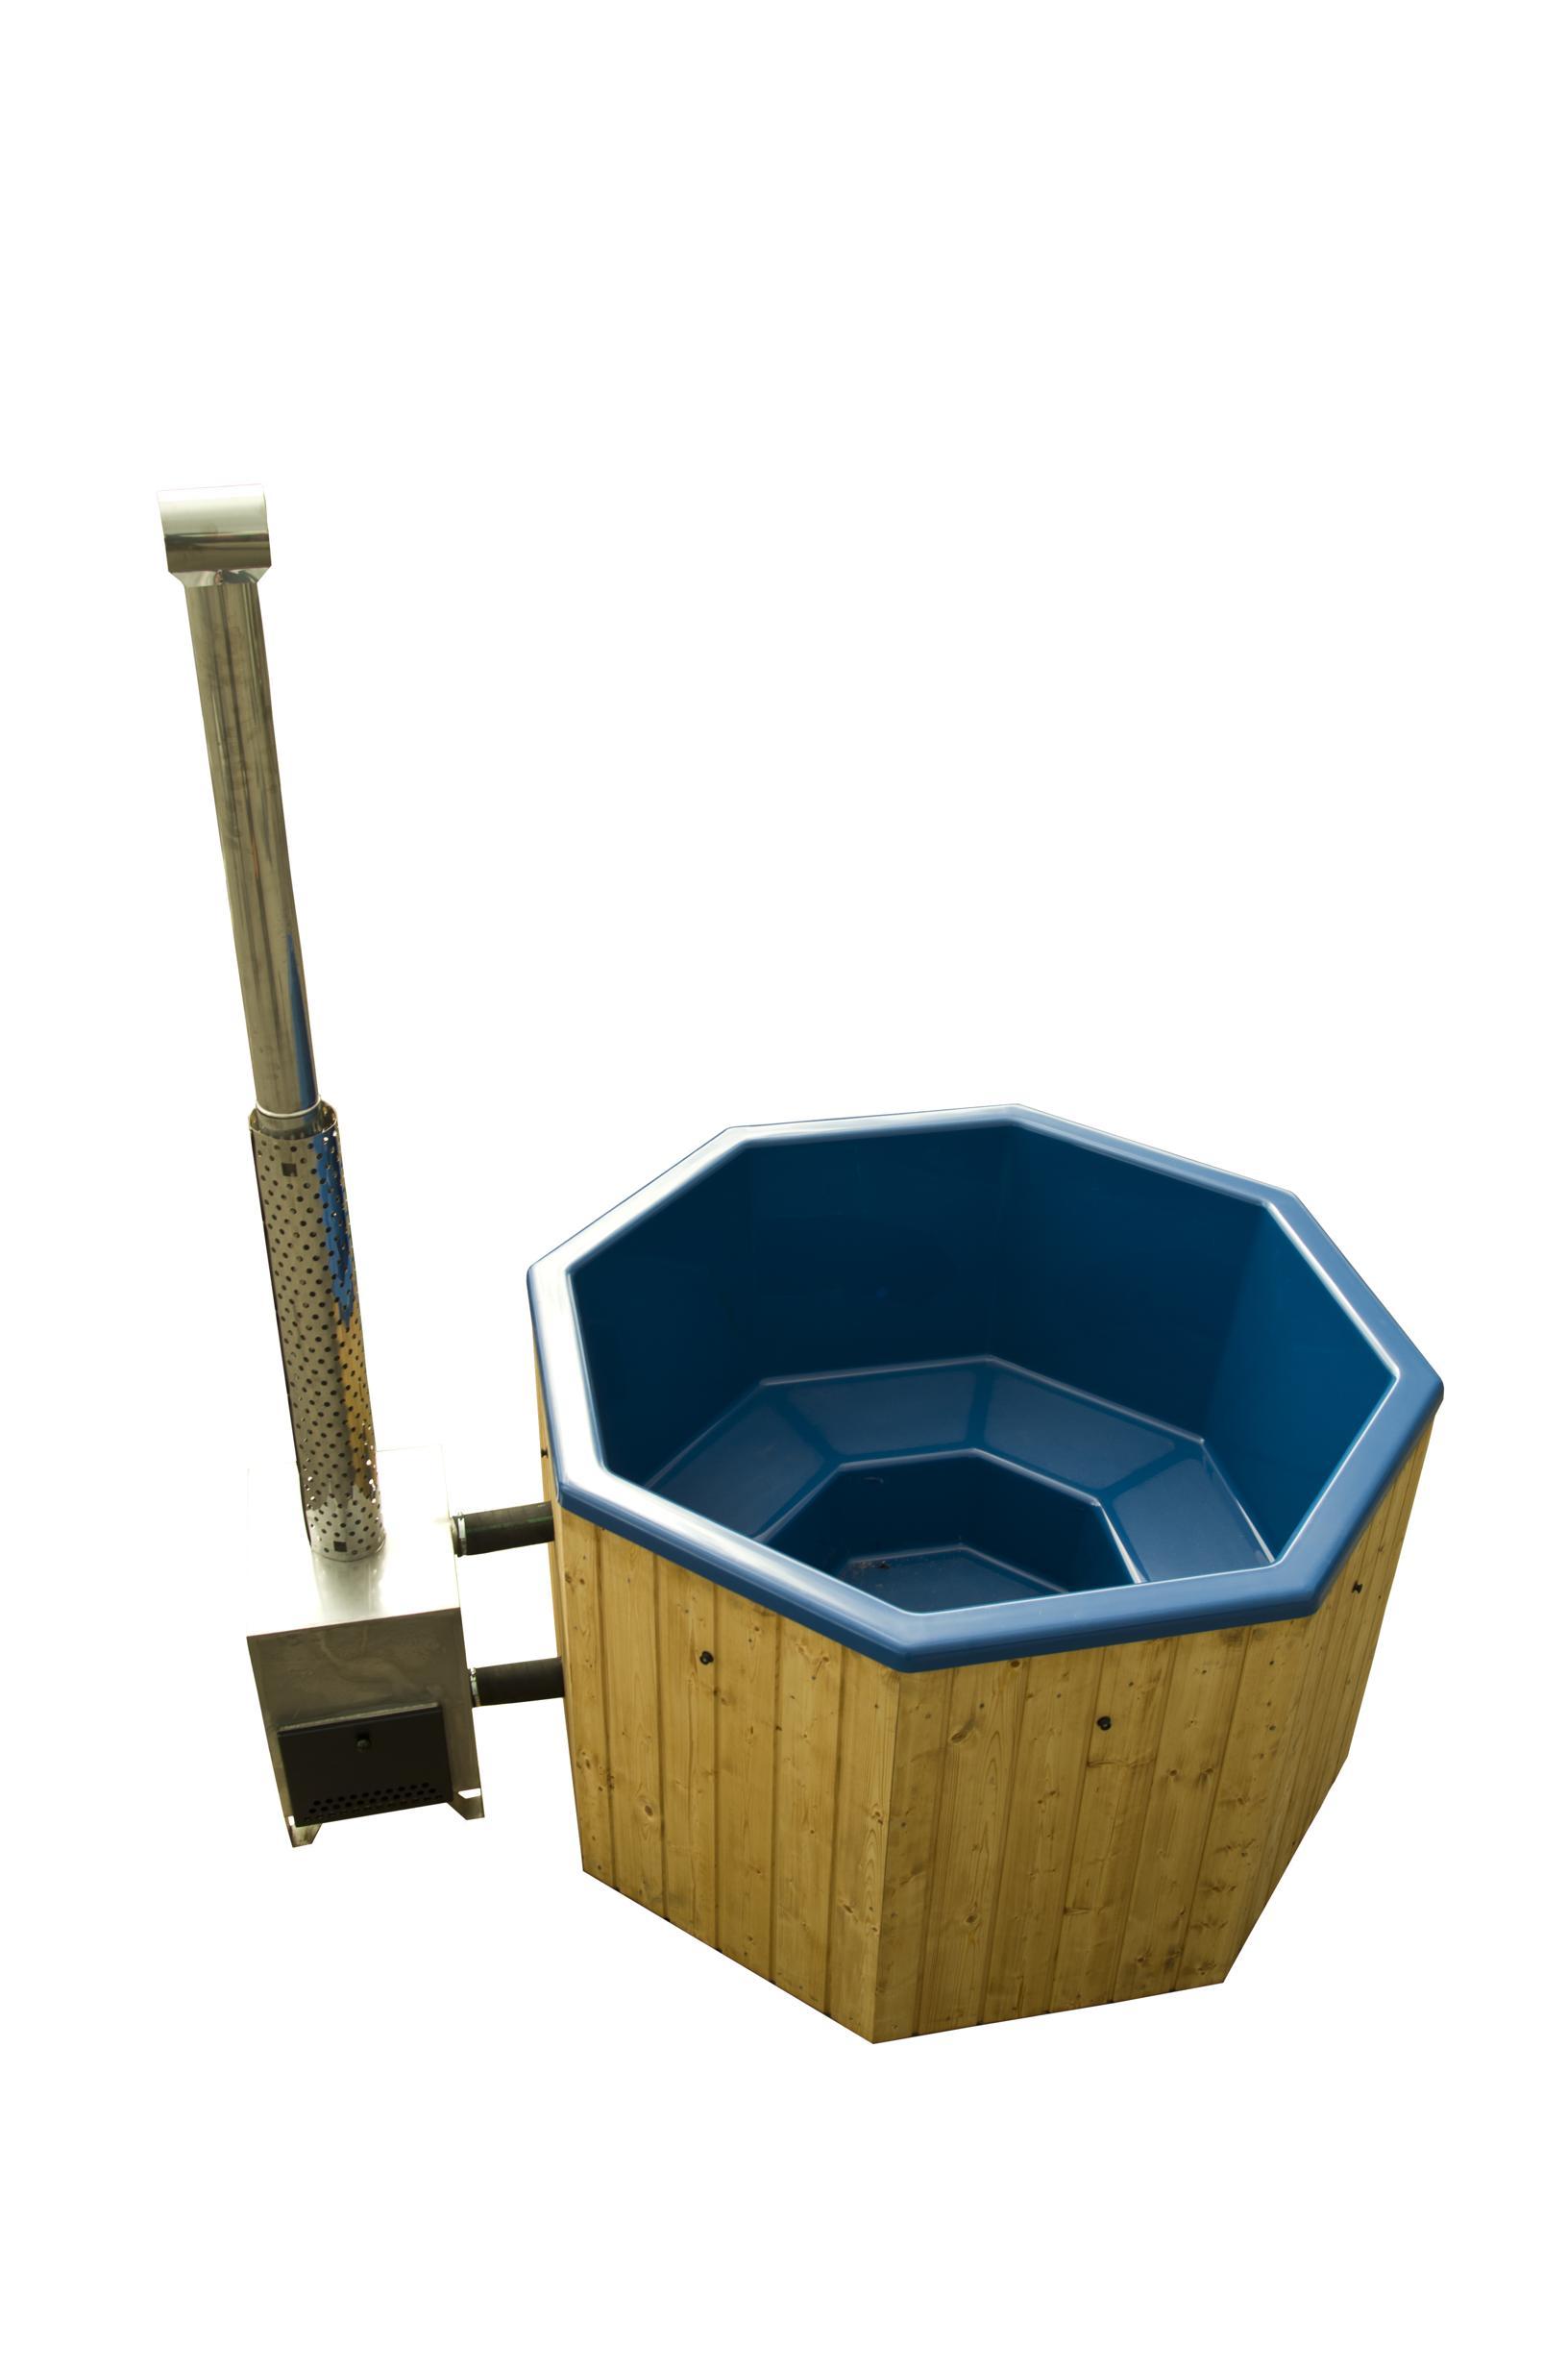 viereckiger hot tub badezuber holzbottich mit au enofen. Black Bedroom Furniture Sets. Home Design Ideas